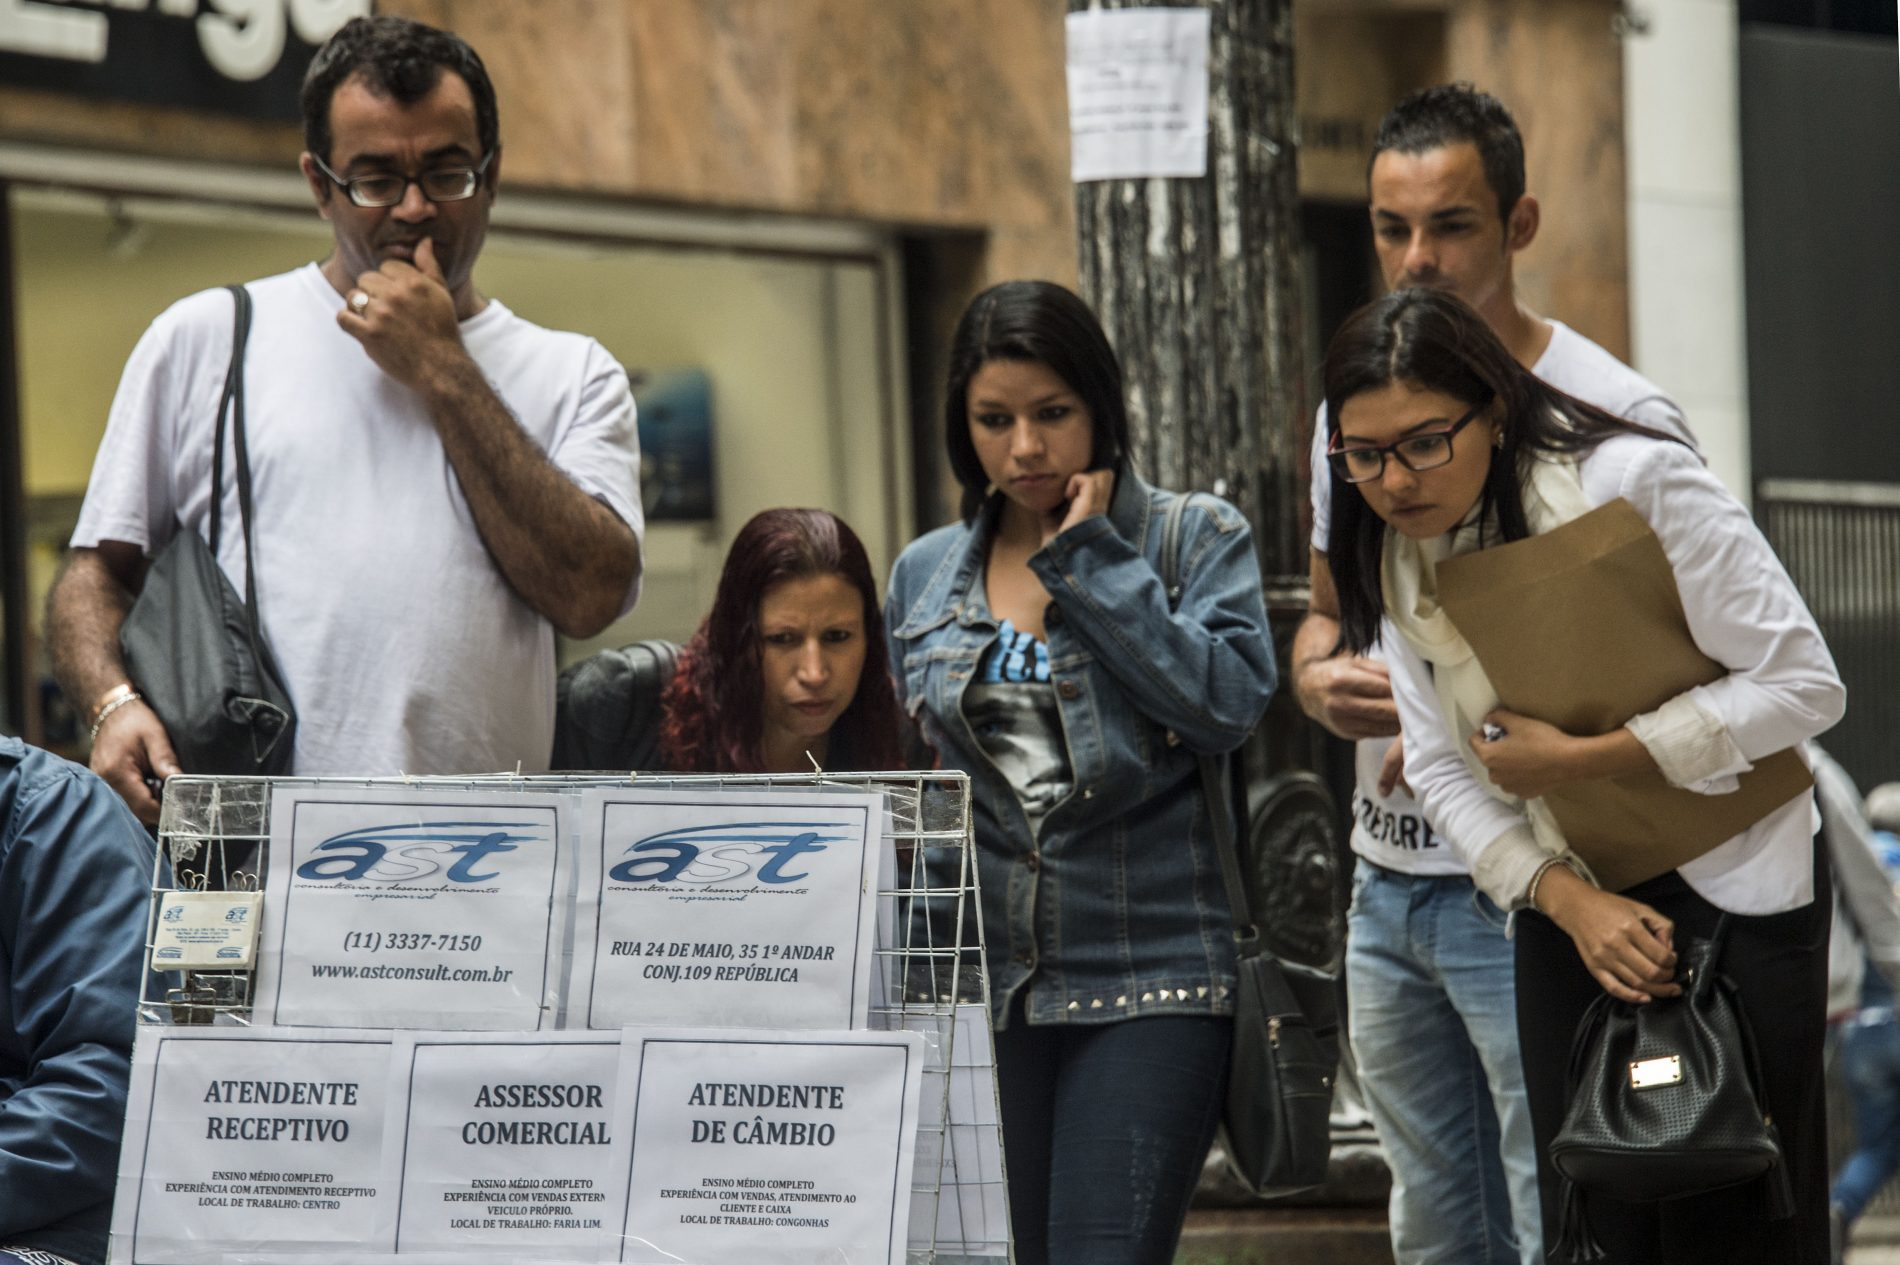 Desempregados olham ofertas de emprego em Sao Paulo. Foto de Nelson Almeida/ AFP